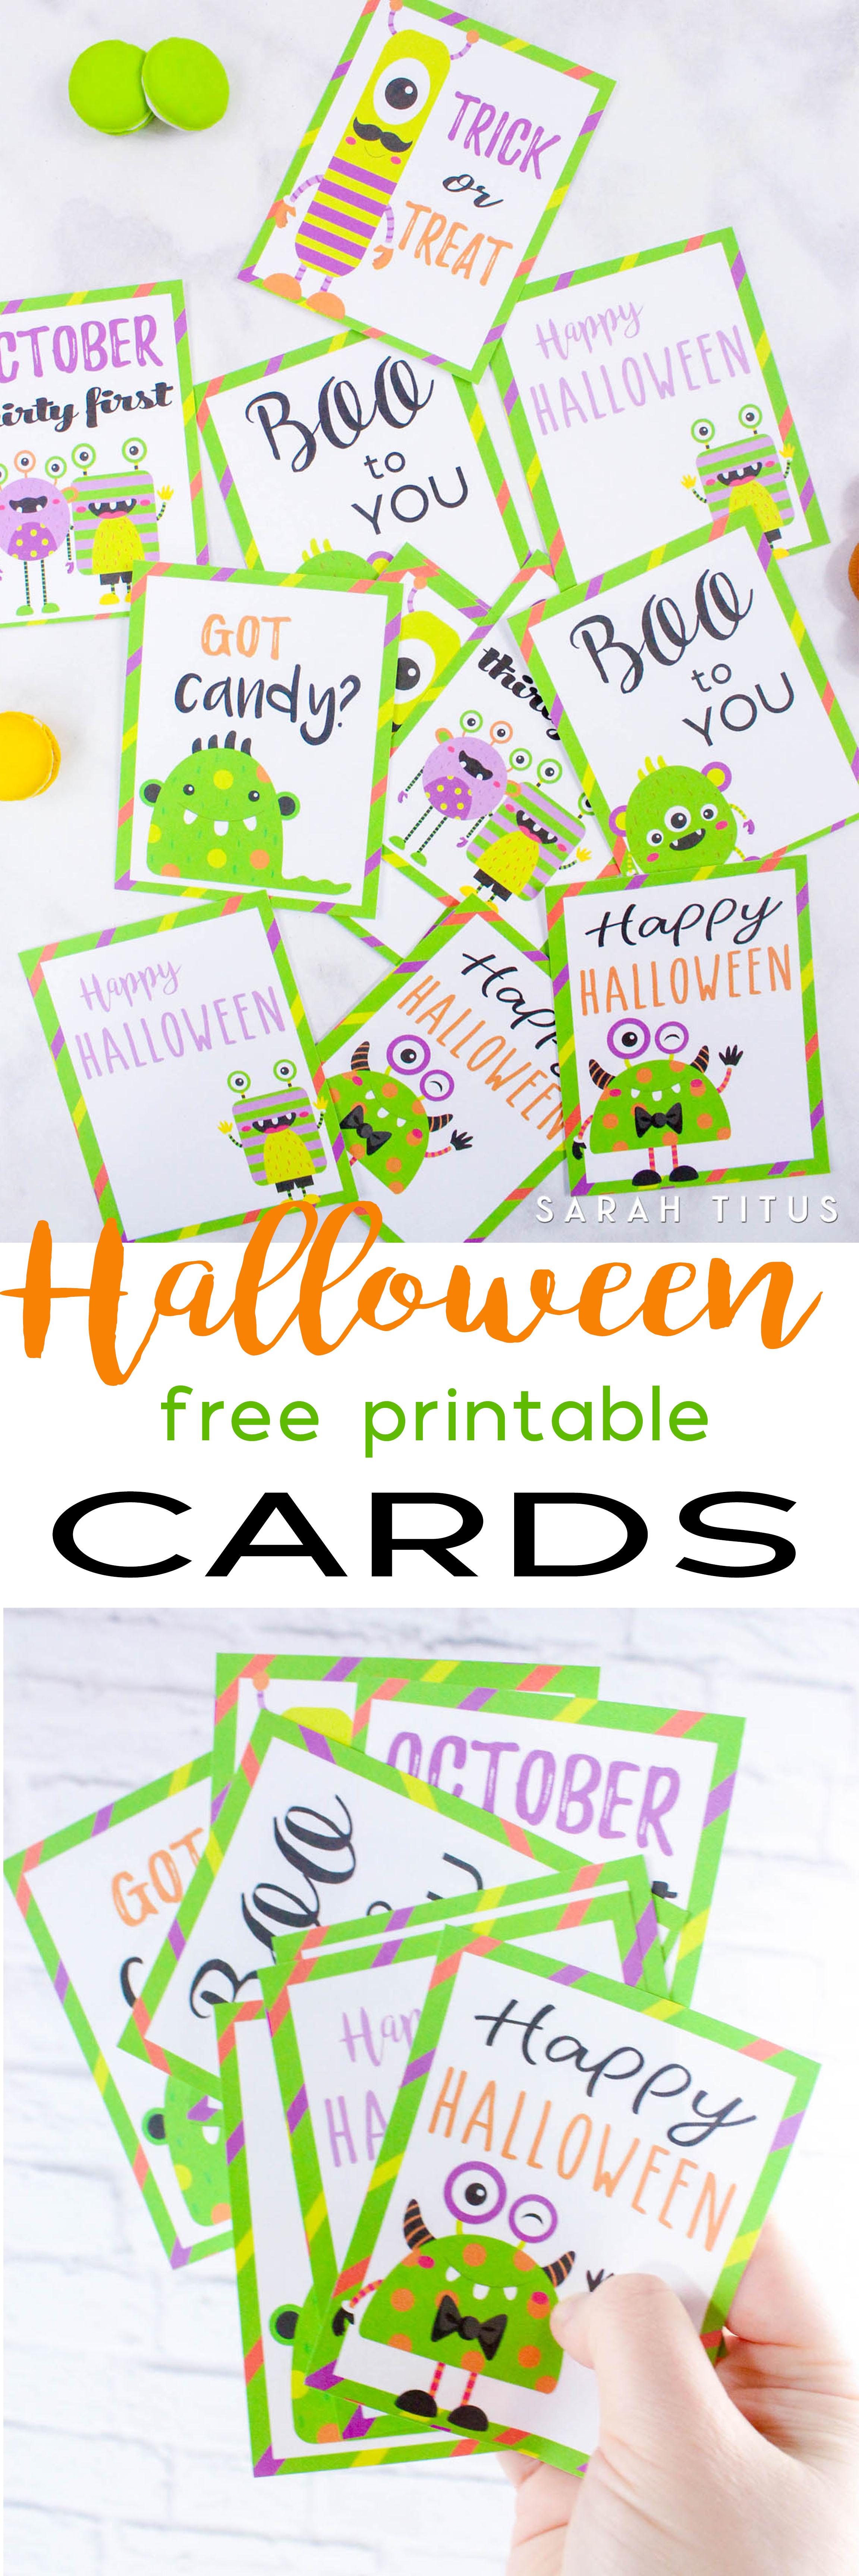 Halloween Free Printable Cards - Sarah Titus - Free Printable Halloween Cards